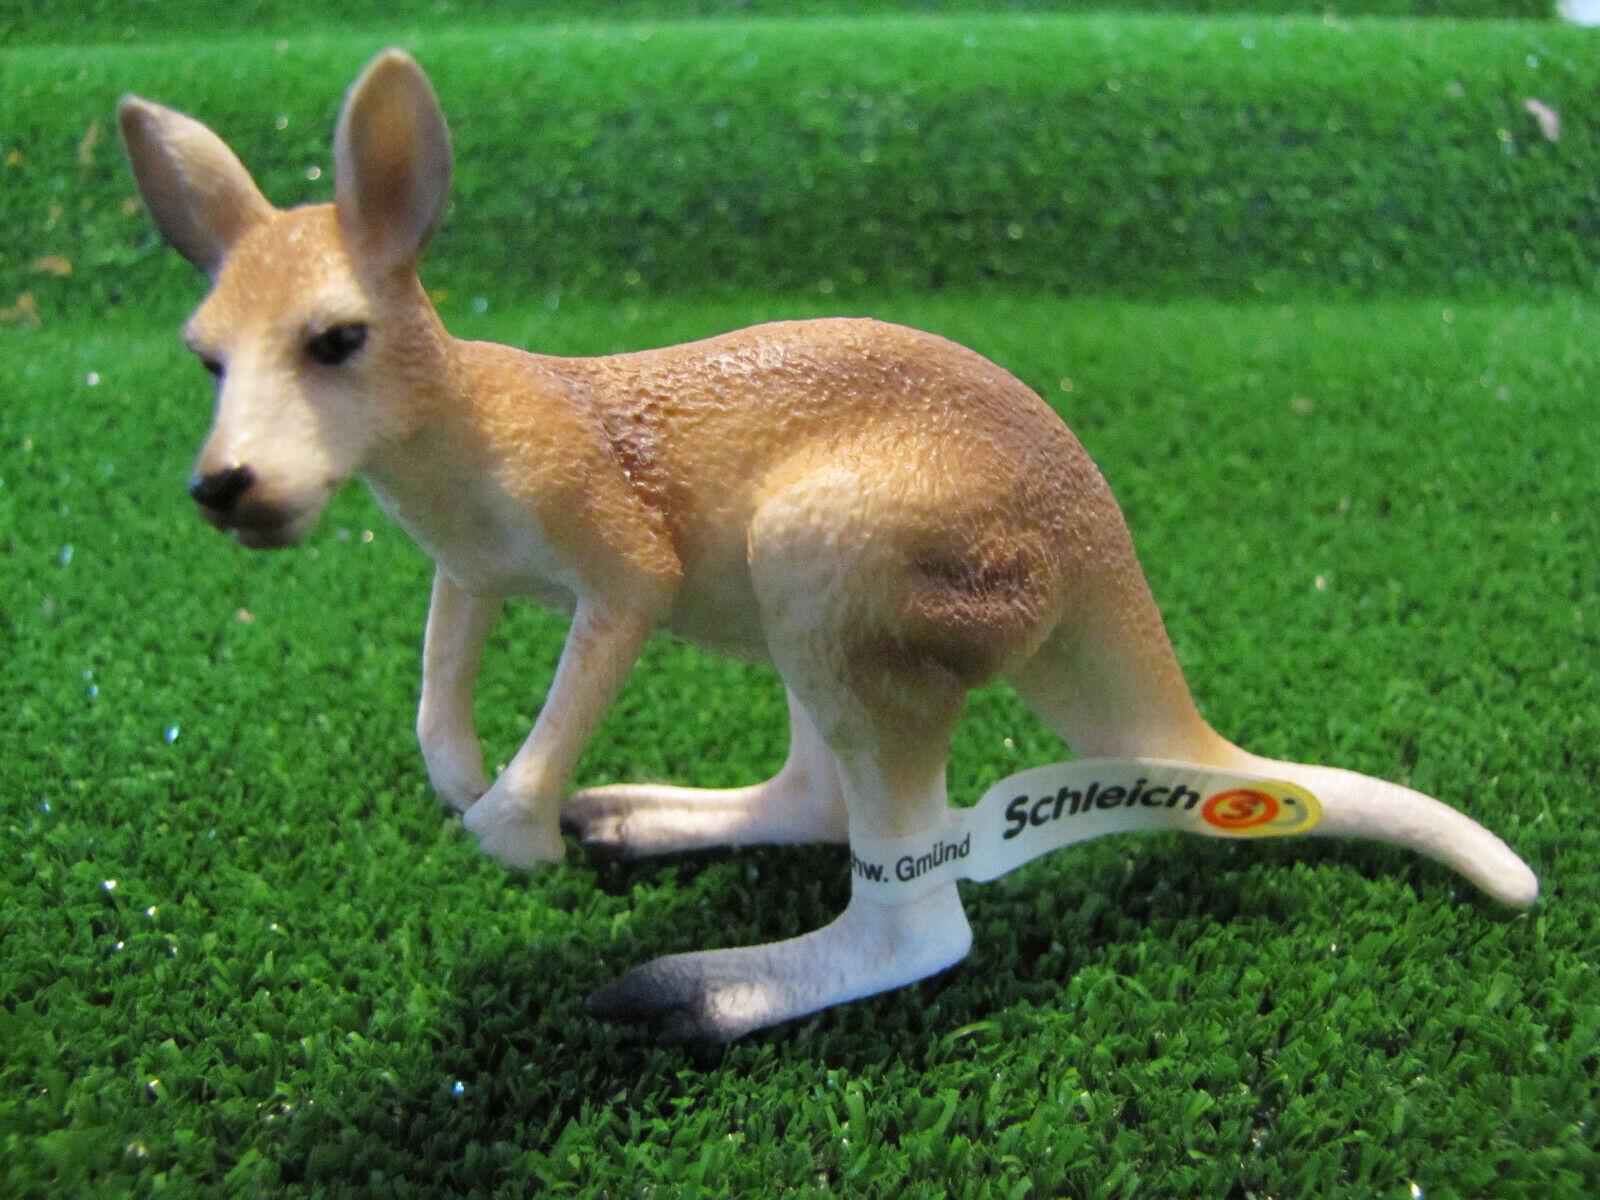 SCHLEICH 14608 canguro giovane nuovo